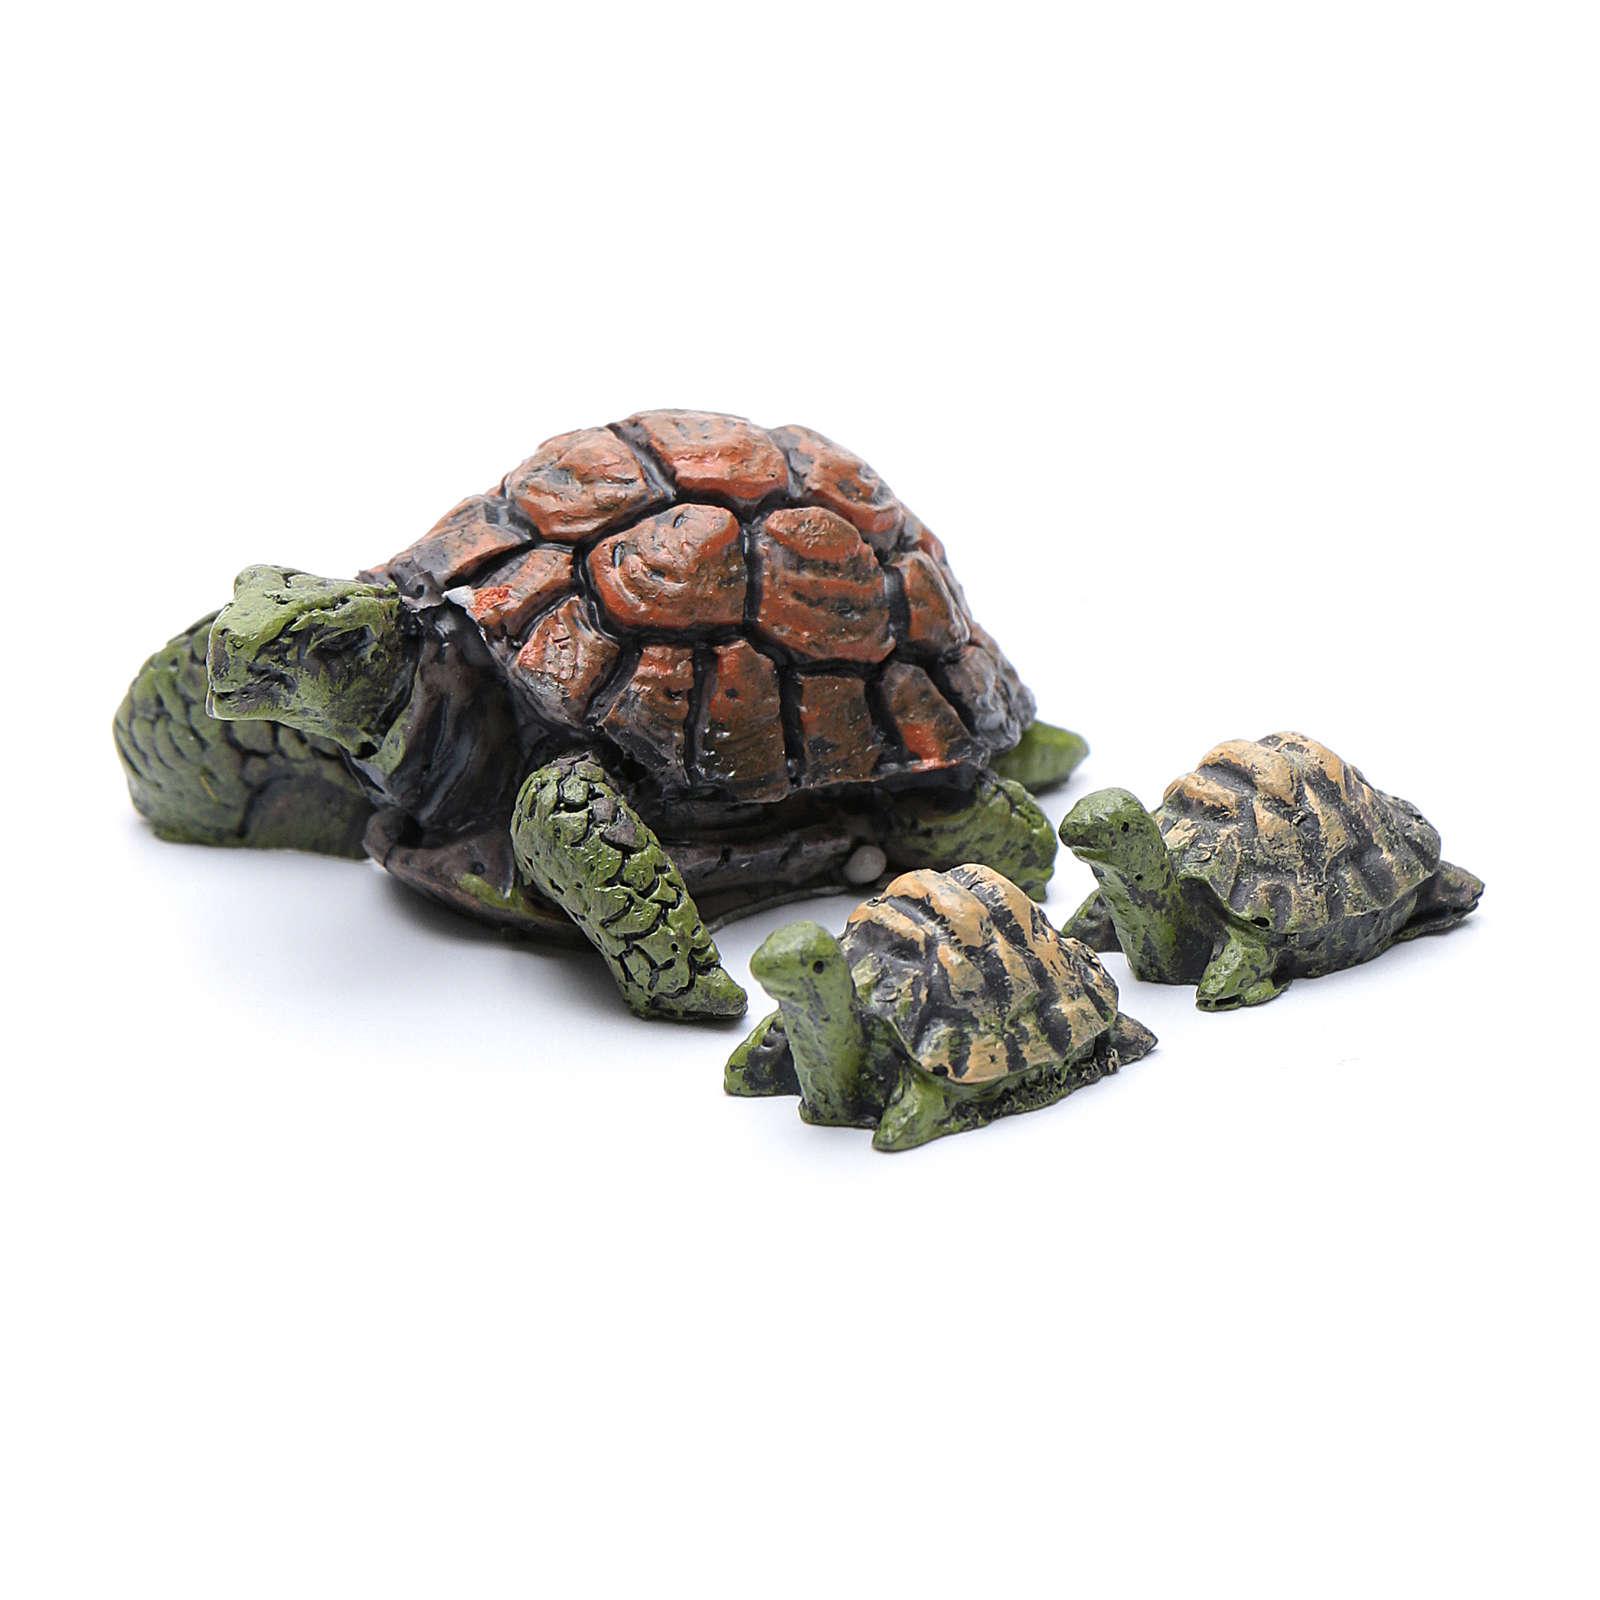 Tartarughe presepe resina 3 pz h reale 2-4 cm 3